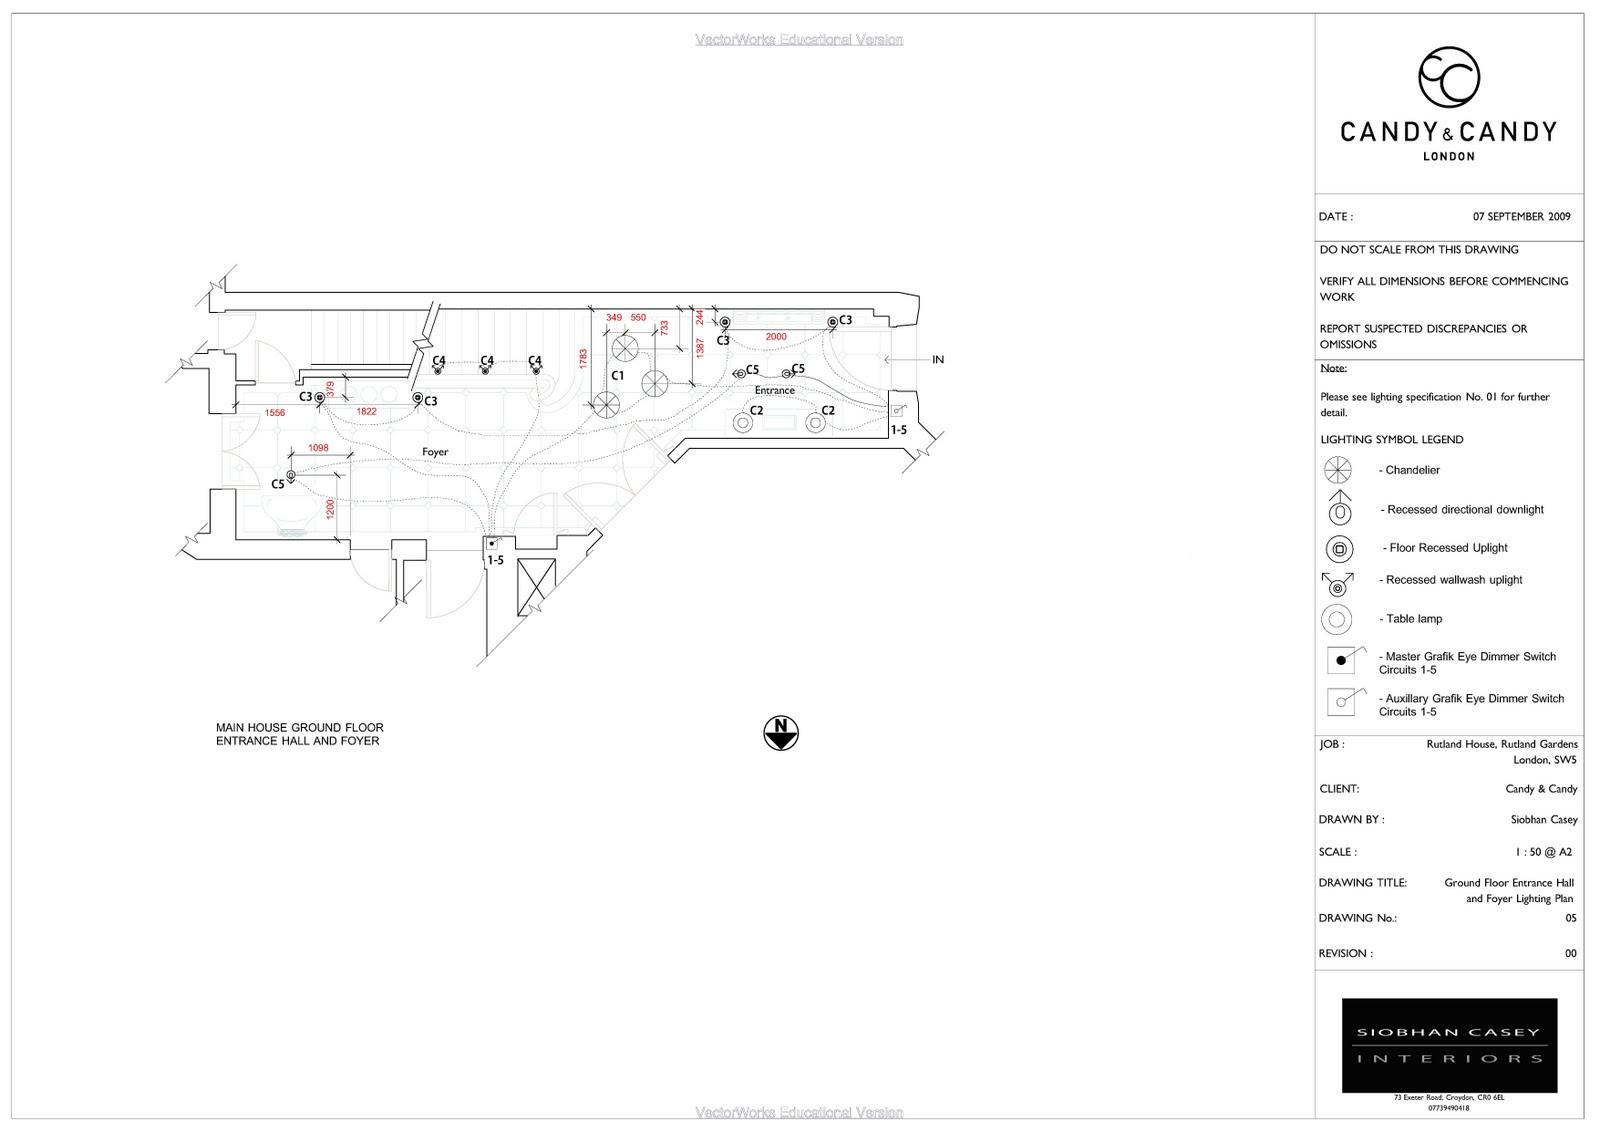 Entrance Foyer Dimensions : Siobhan casey portfolio